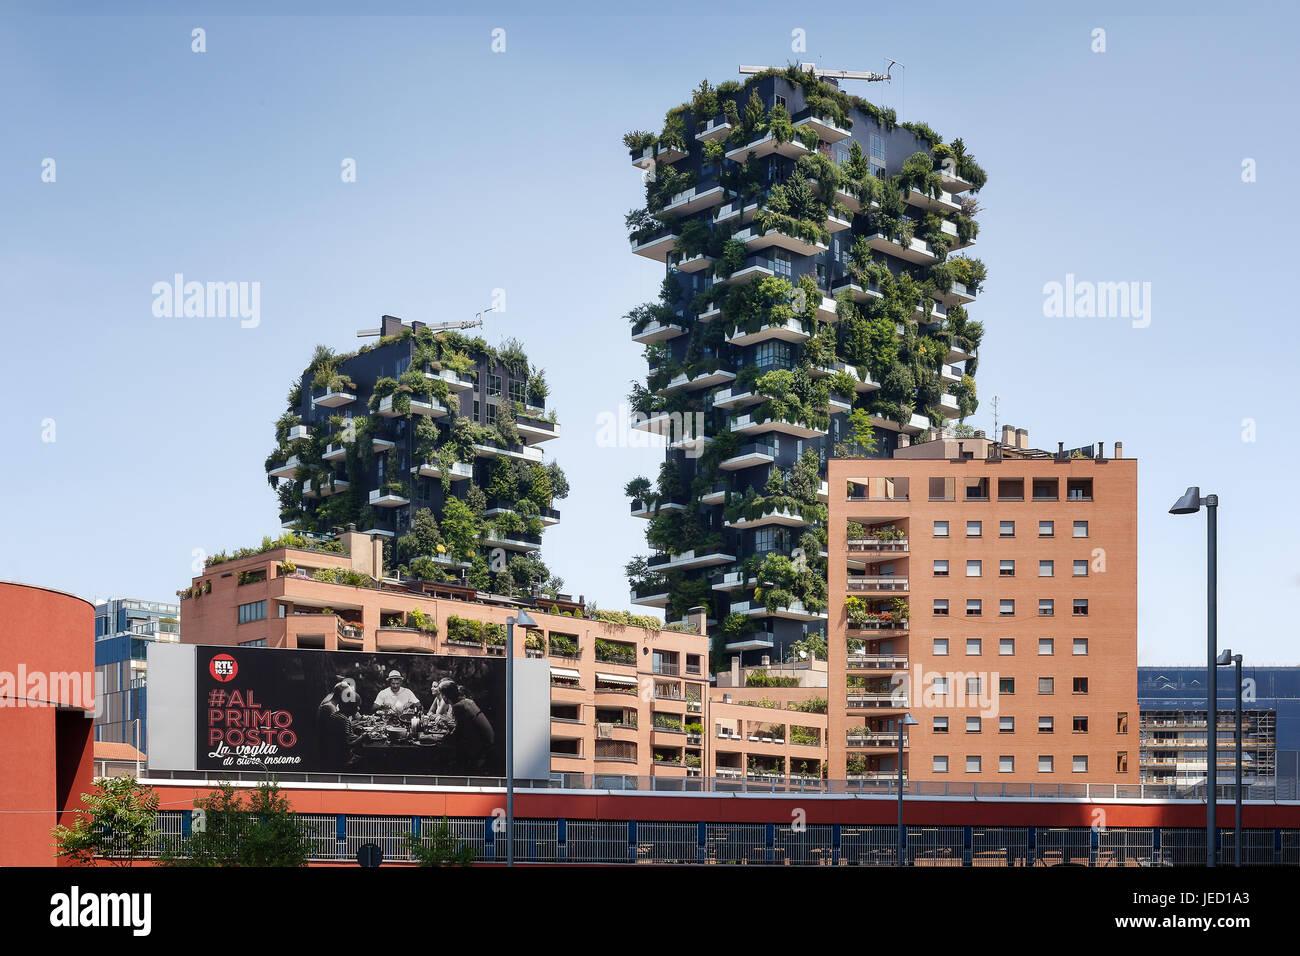 Rom, Italien - 11. Juni 2017: Die berühmten vertikalen Holz von Viale Luigi Sturzo gesehen. Nachhaltige Gebäude Stockfoto